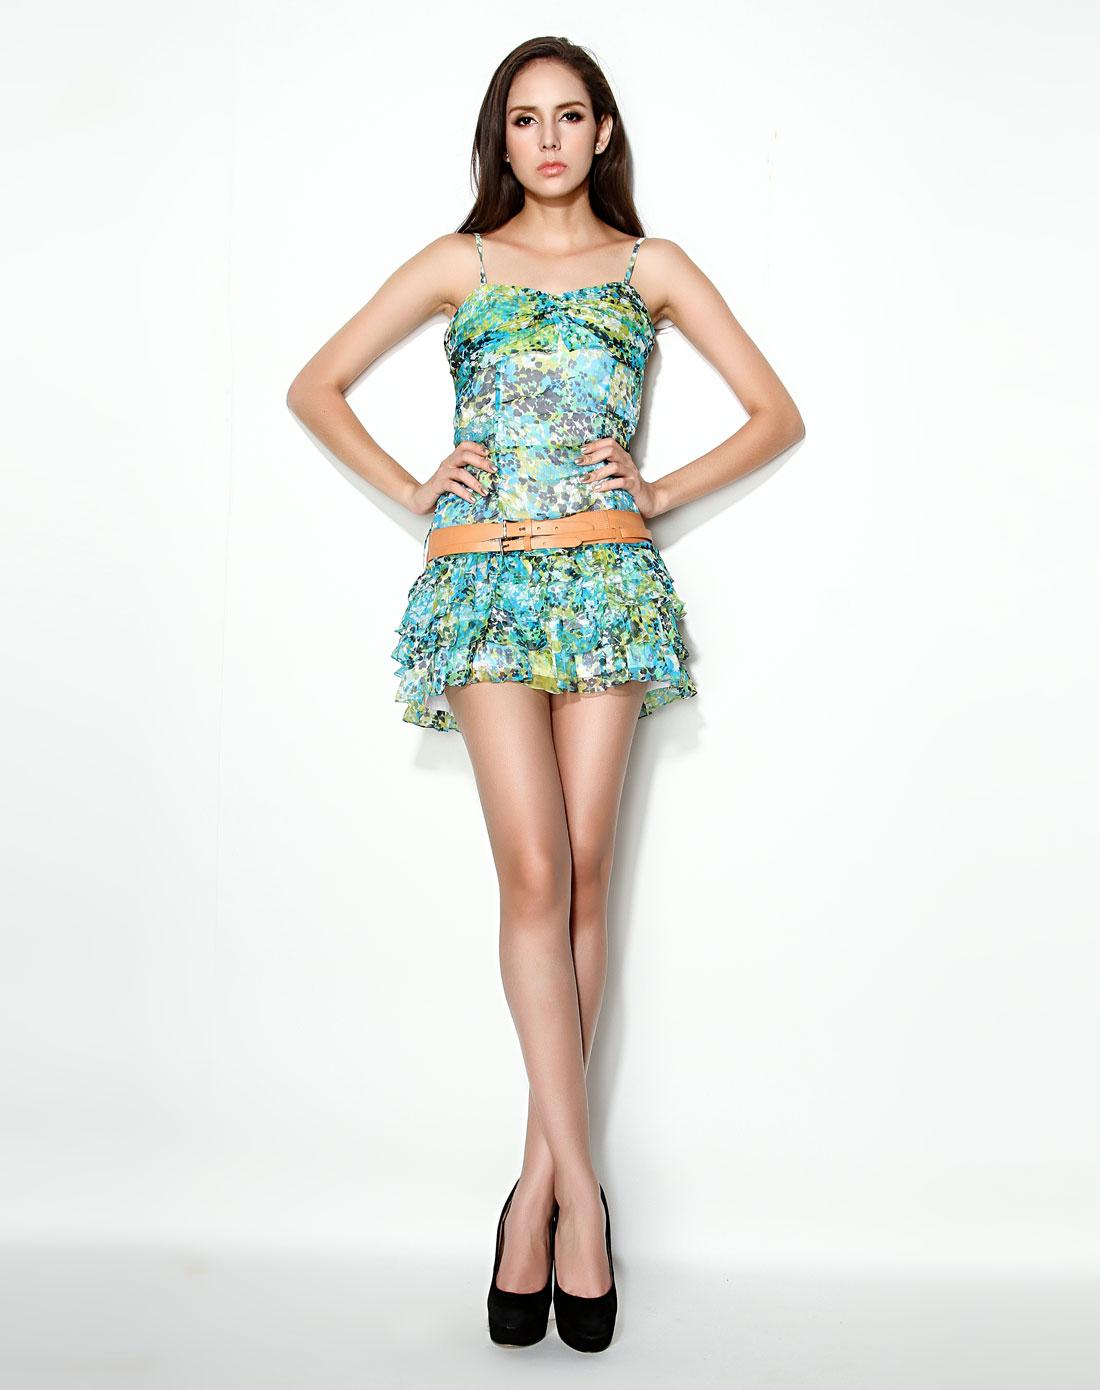 绿色清新花纹吊带真丝连衣裙